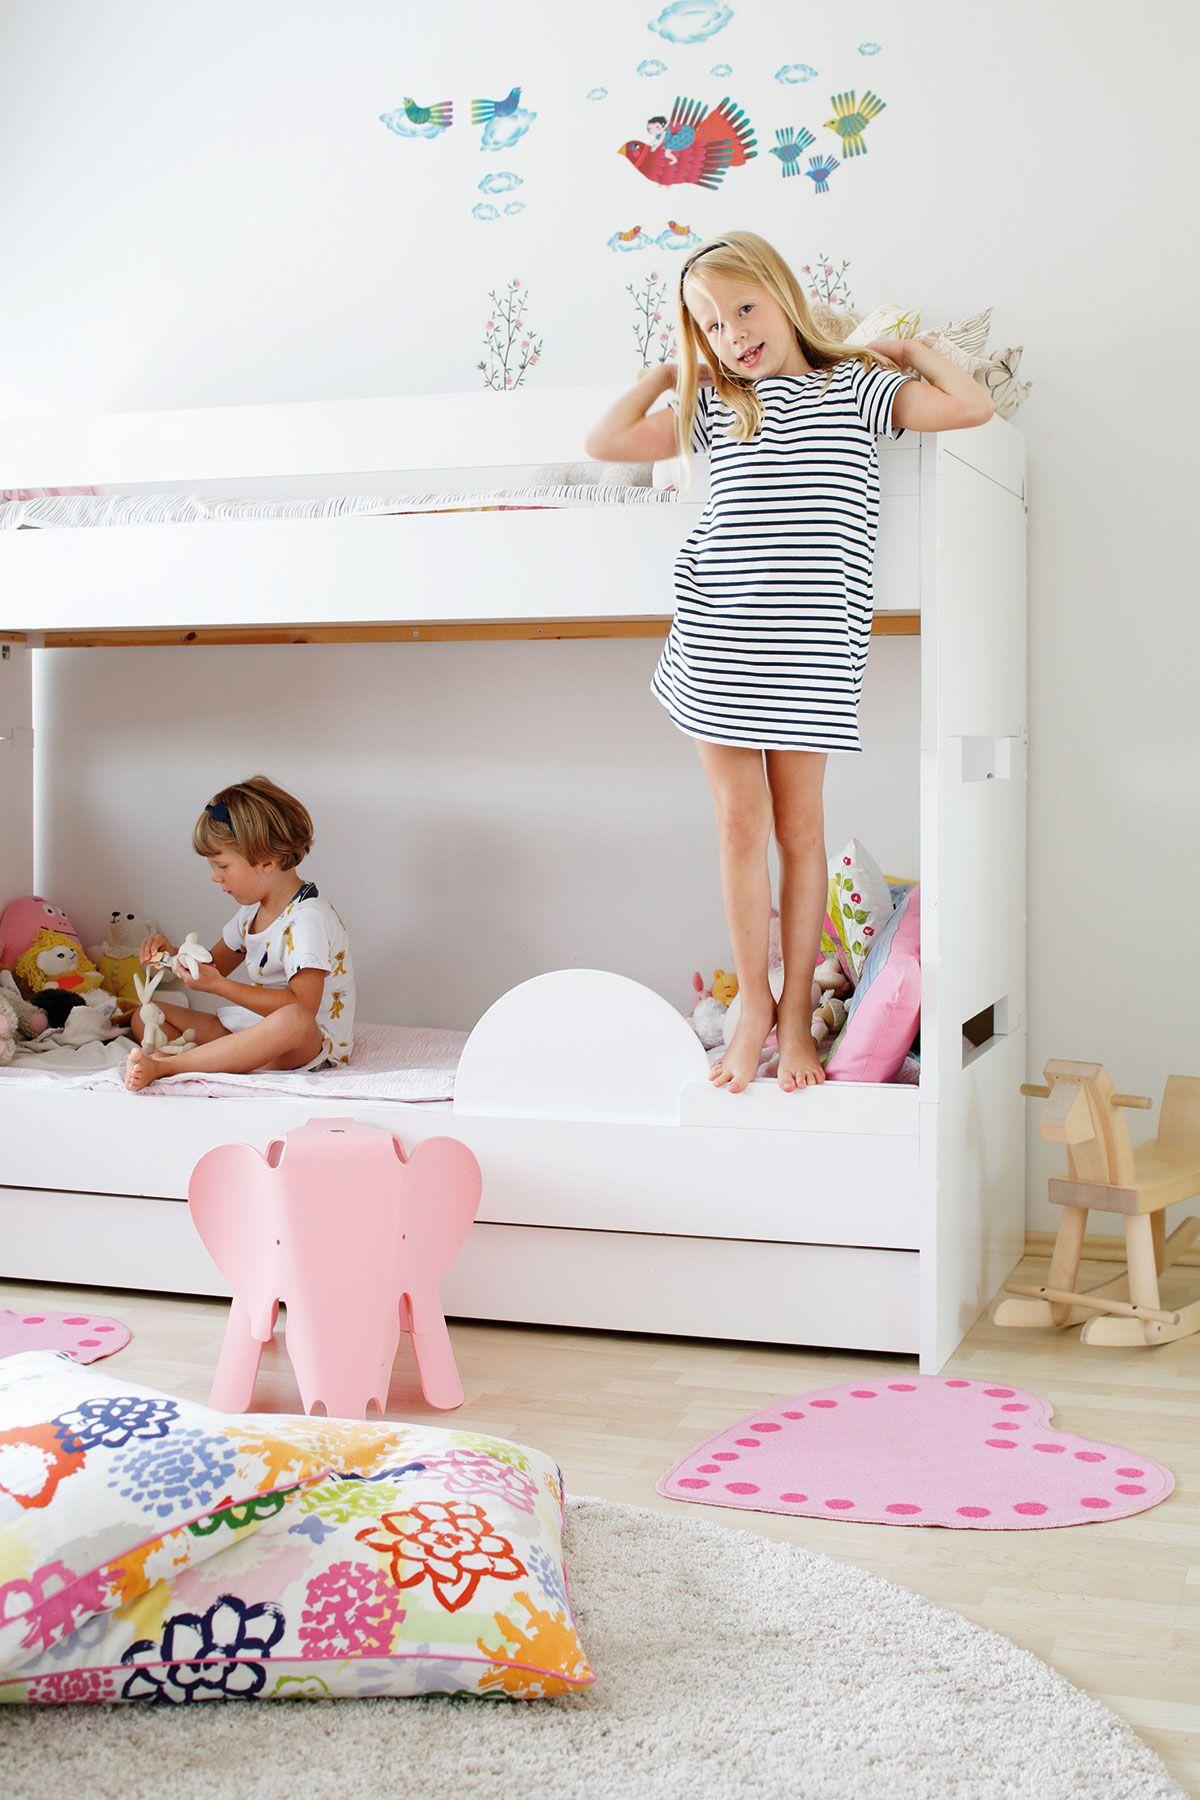 Kerrossänky mahdollistaa enemmän leikkitilaa huoneeseen.